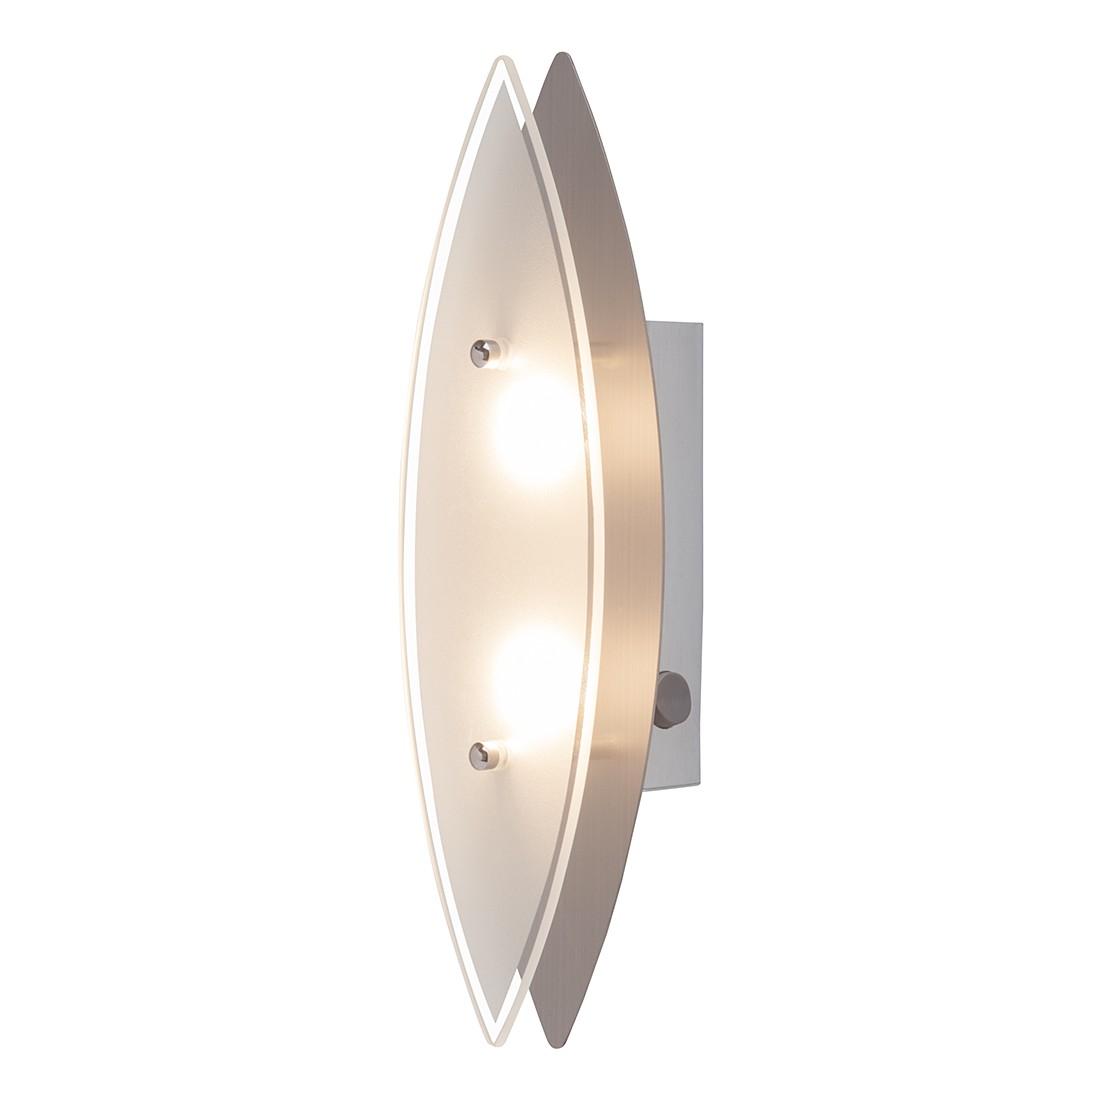 Lampade da parete e soffitto Oval, Brilliant